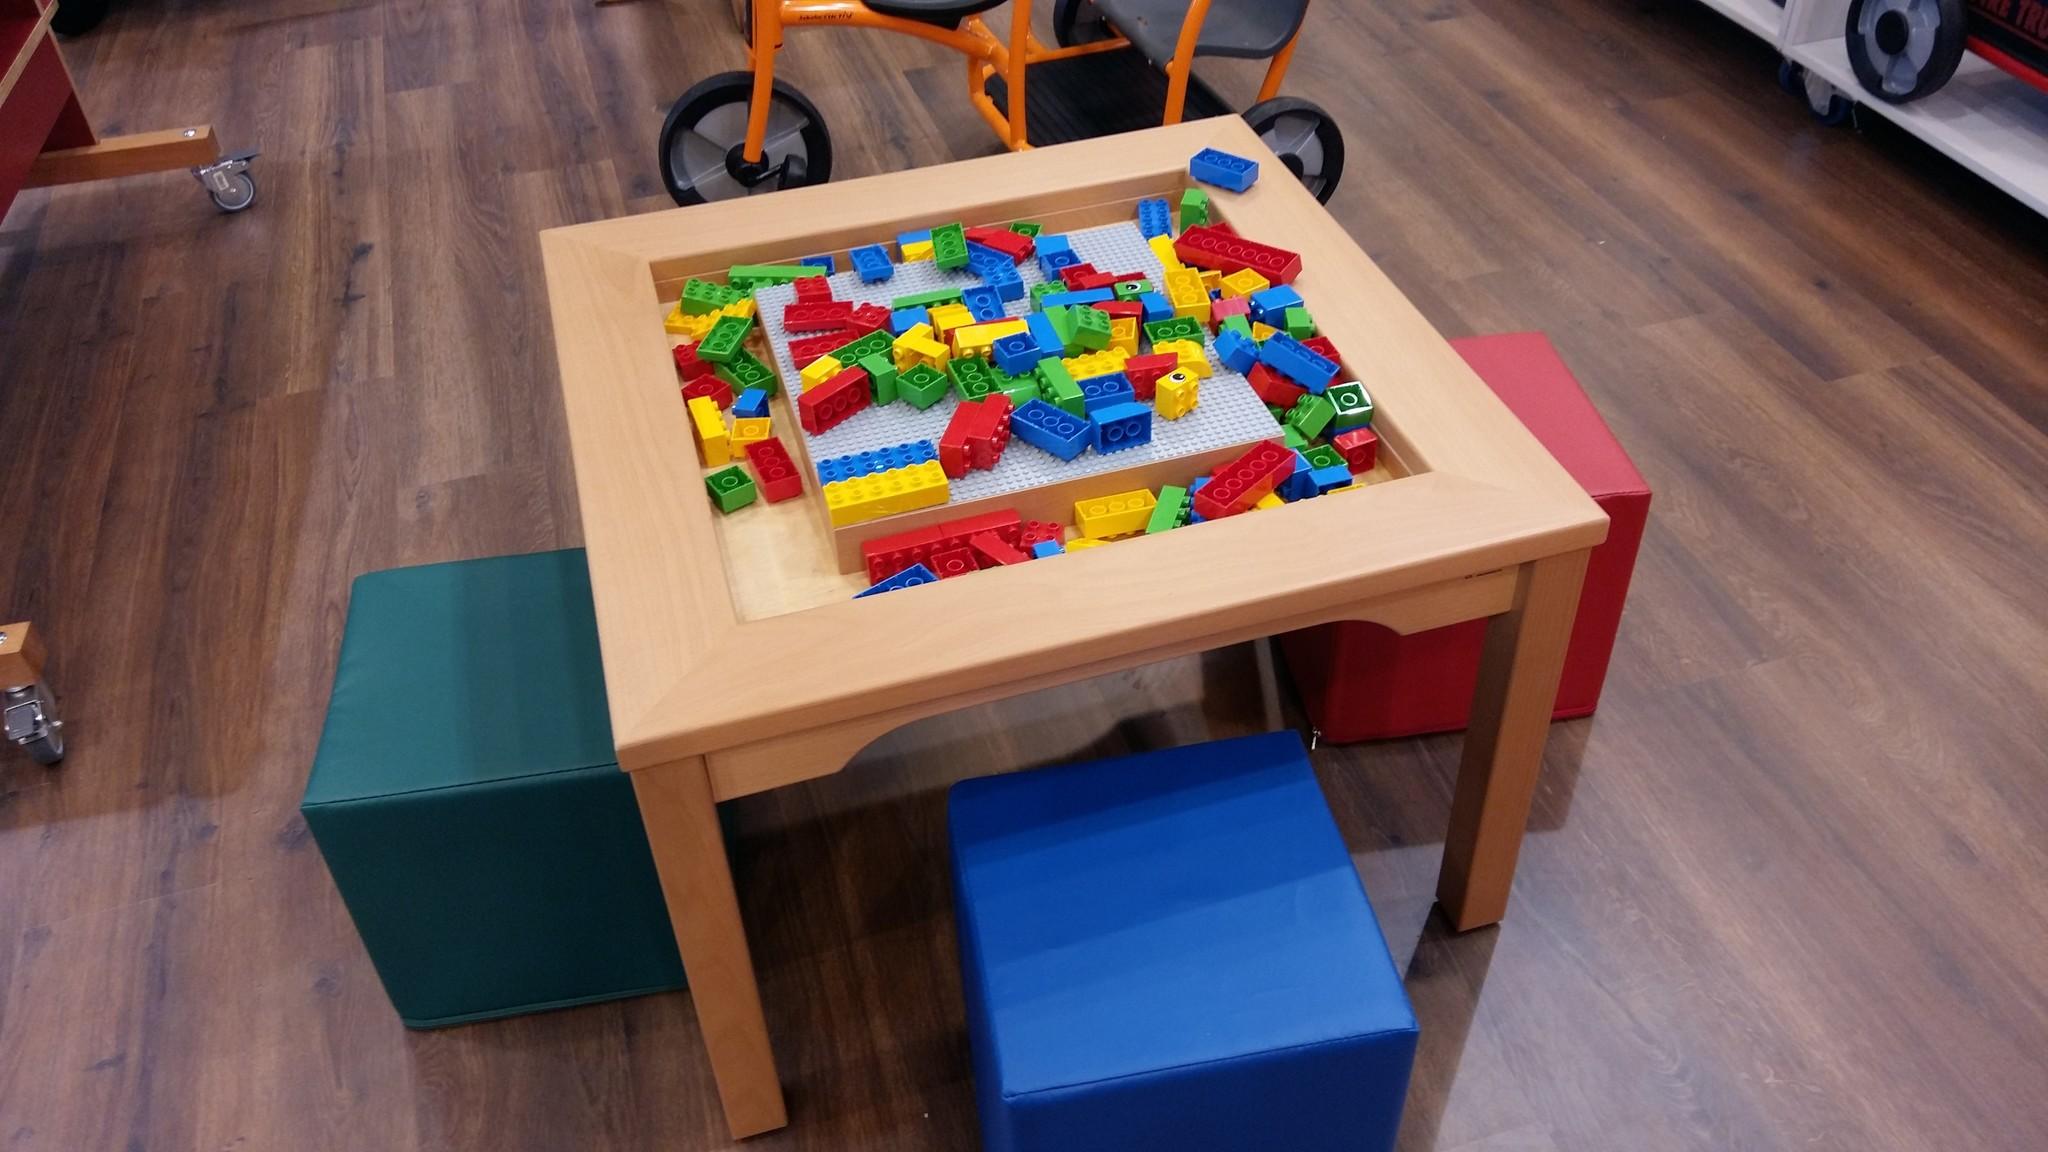 Holzeisenbahn Tisch Selber Bauen Kinderspielzeug